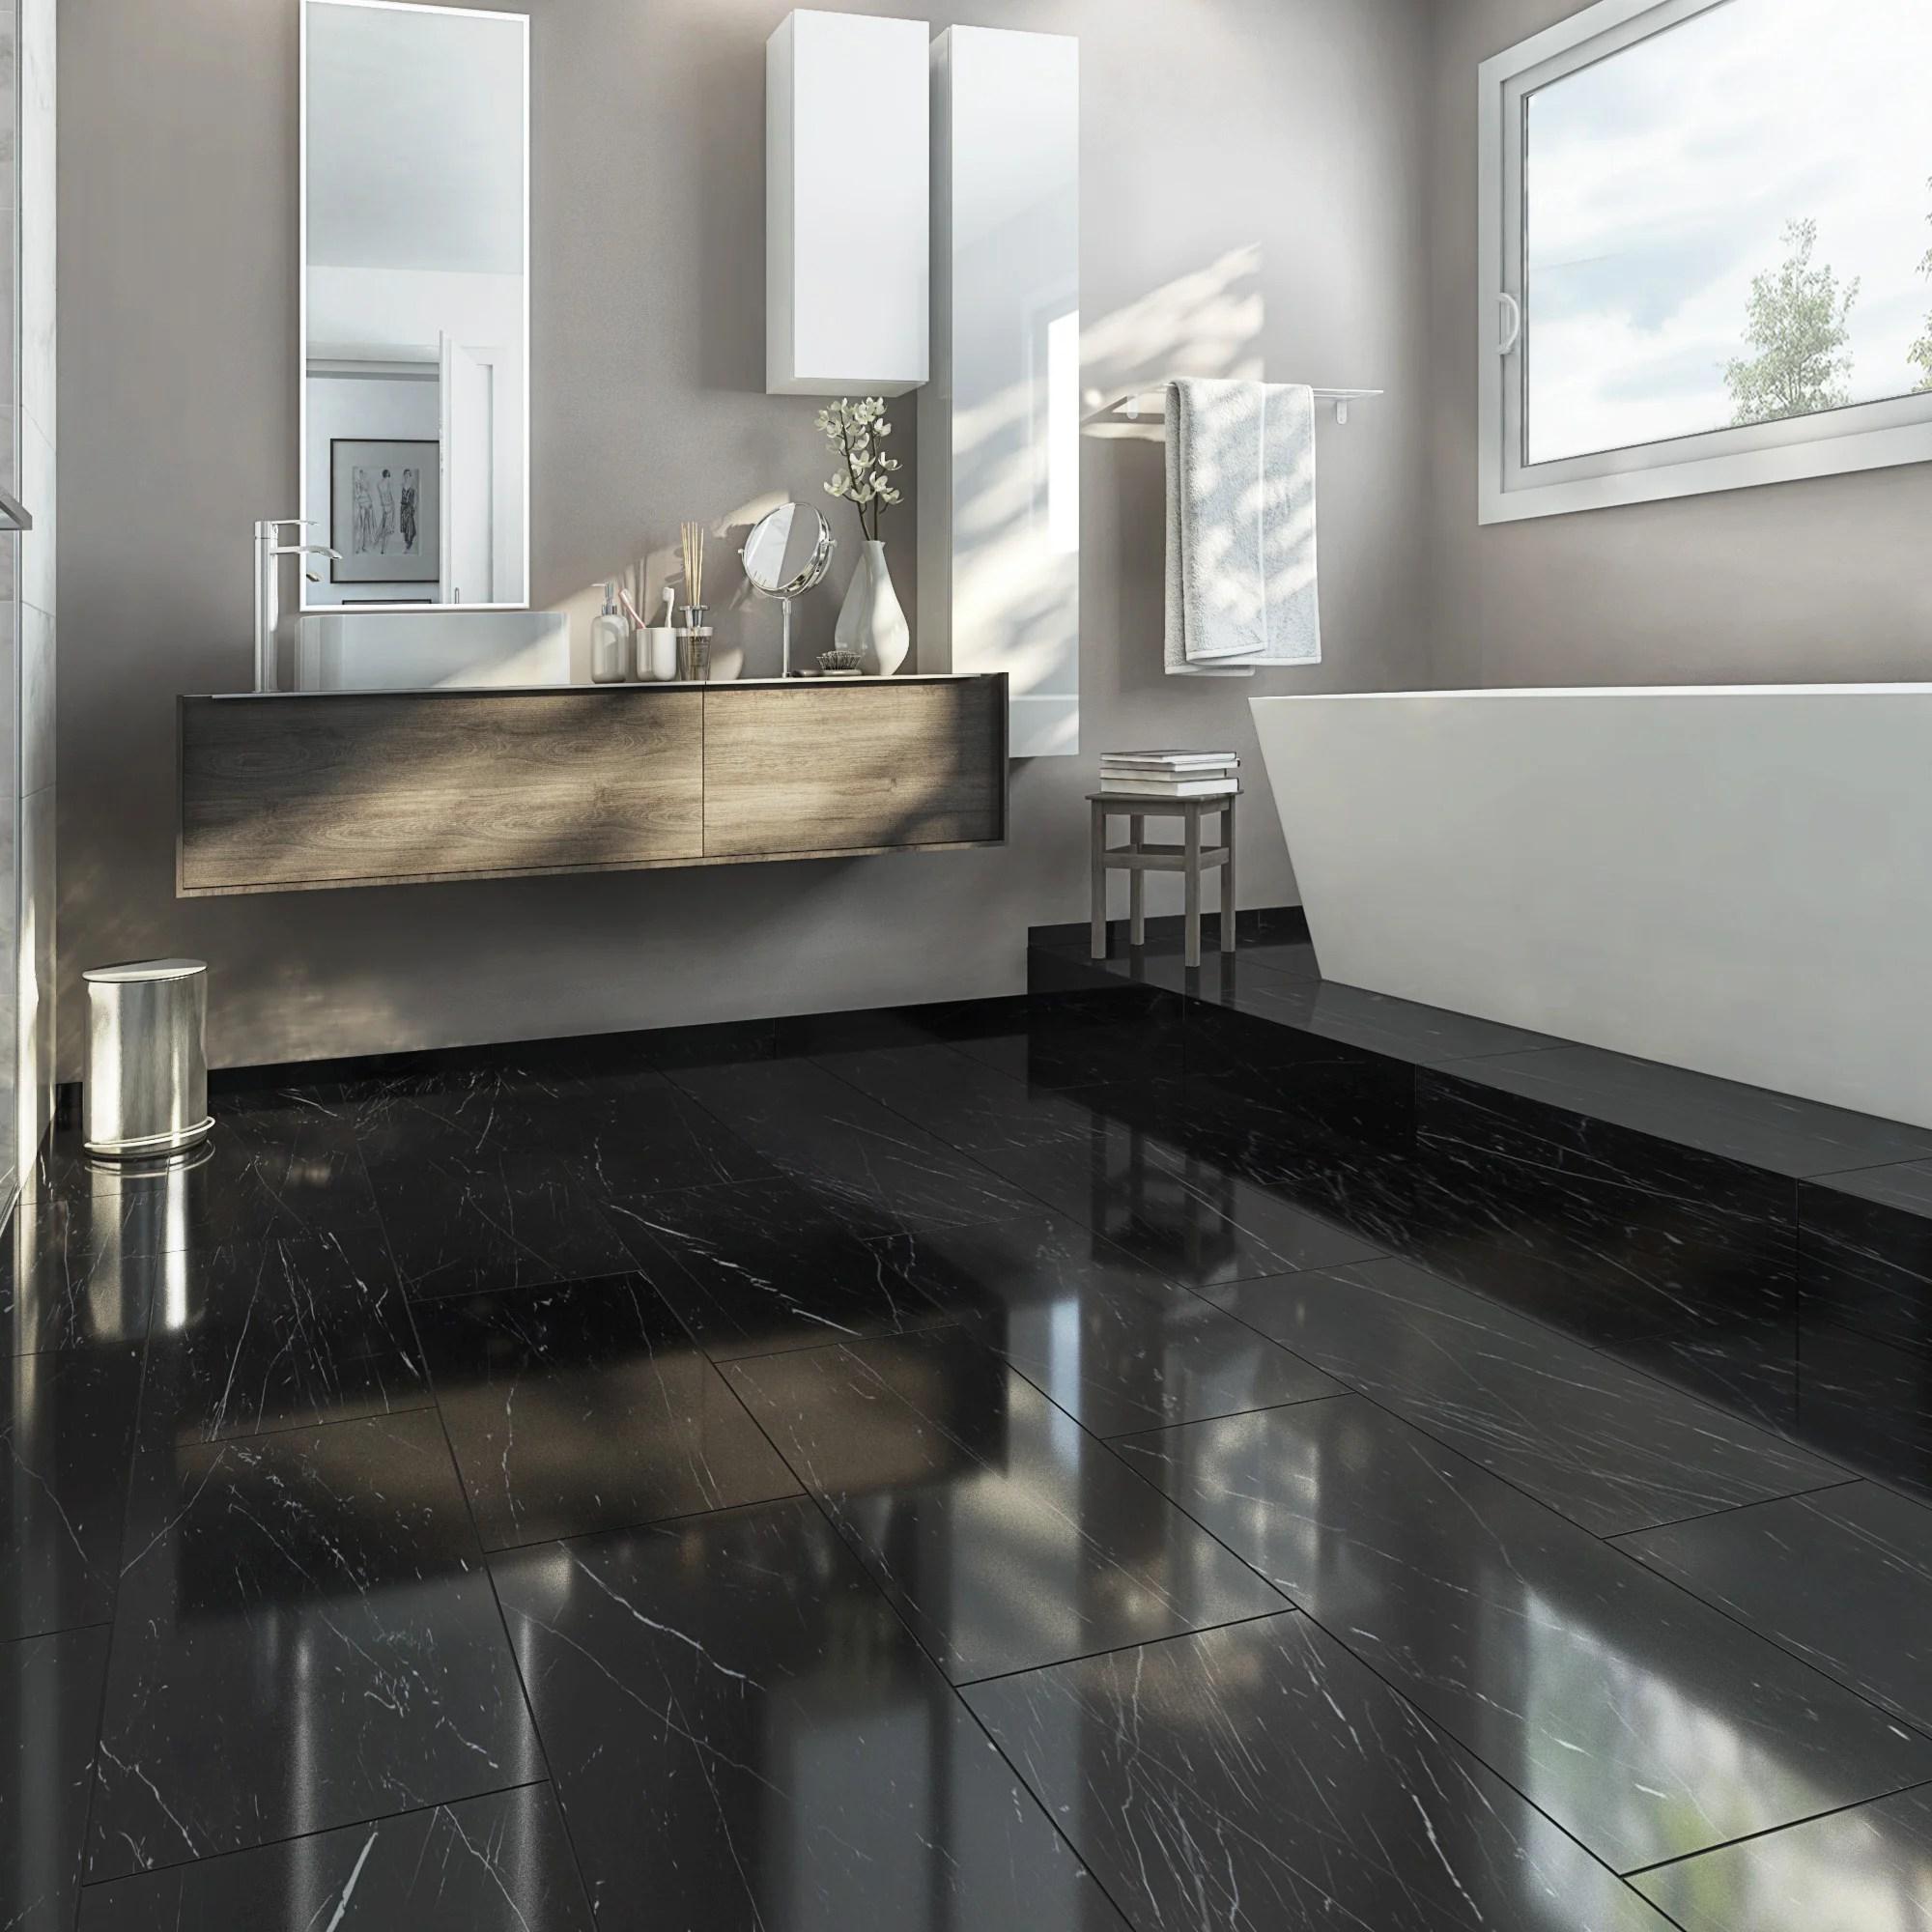 carrelage sol et mur intenso effet marbre noir rimini l 30 x l 60 cm